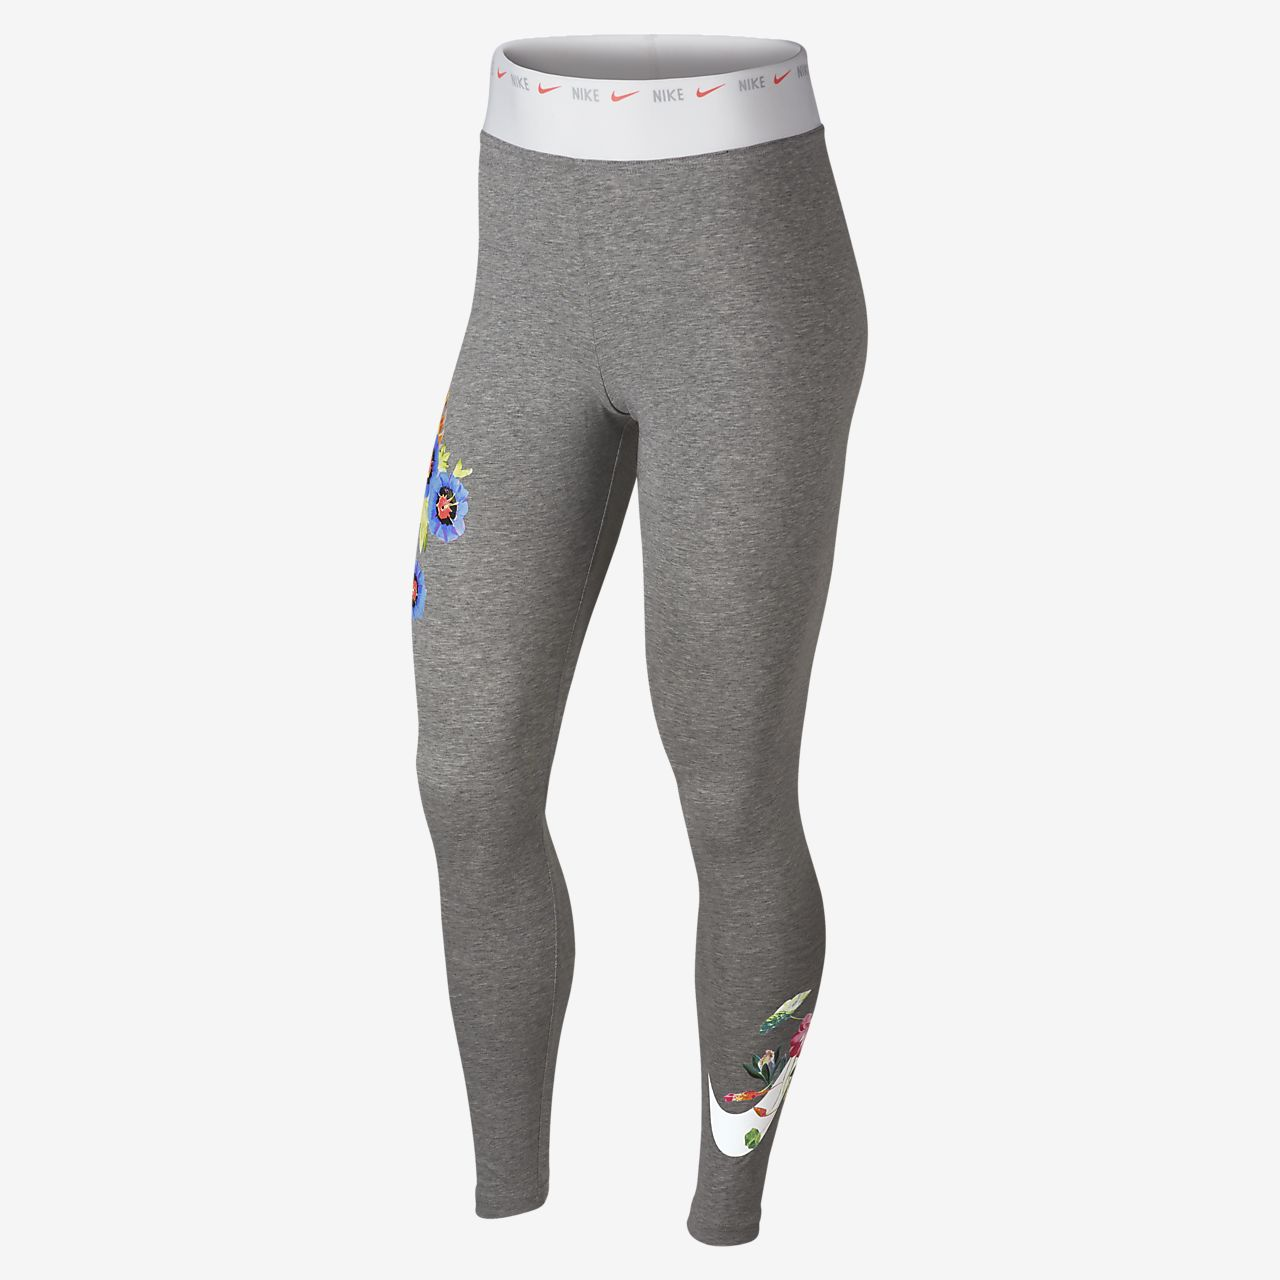 Nike Sportswear 女款圖案內搭褲